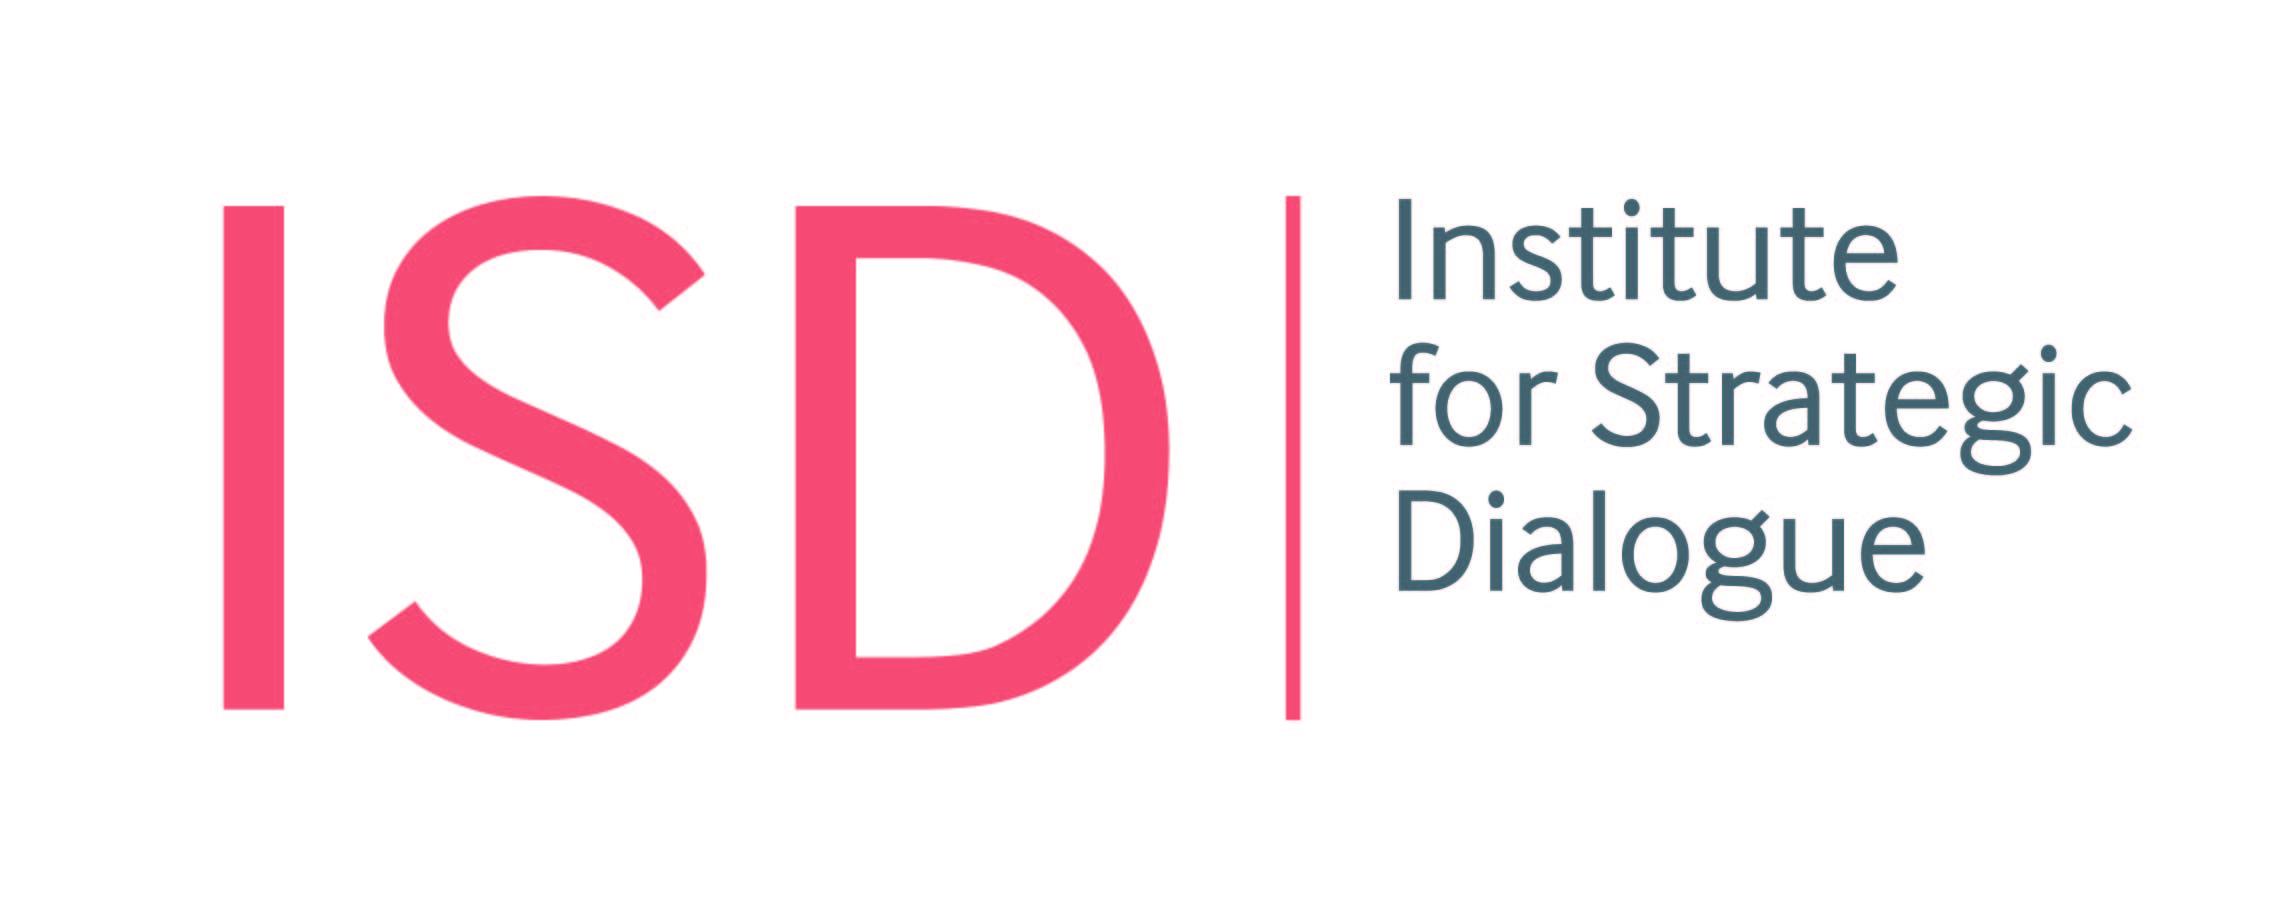 ISD-logo-Coral-mixed